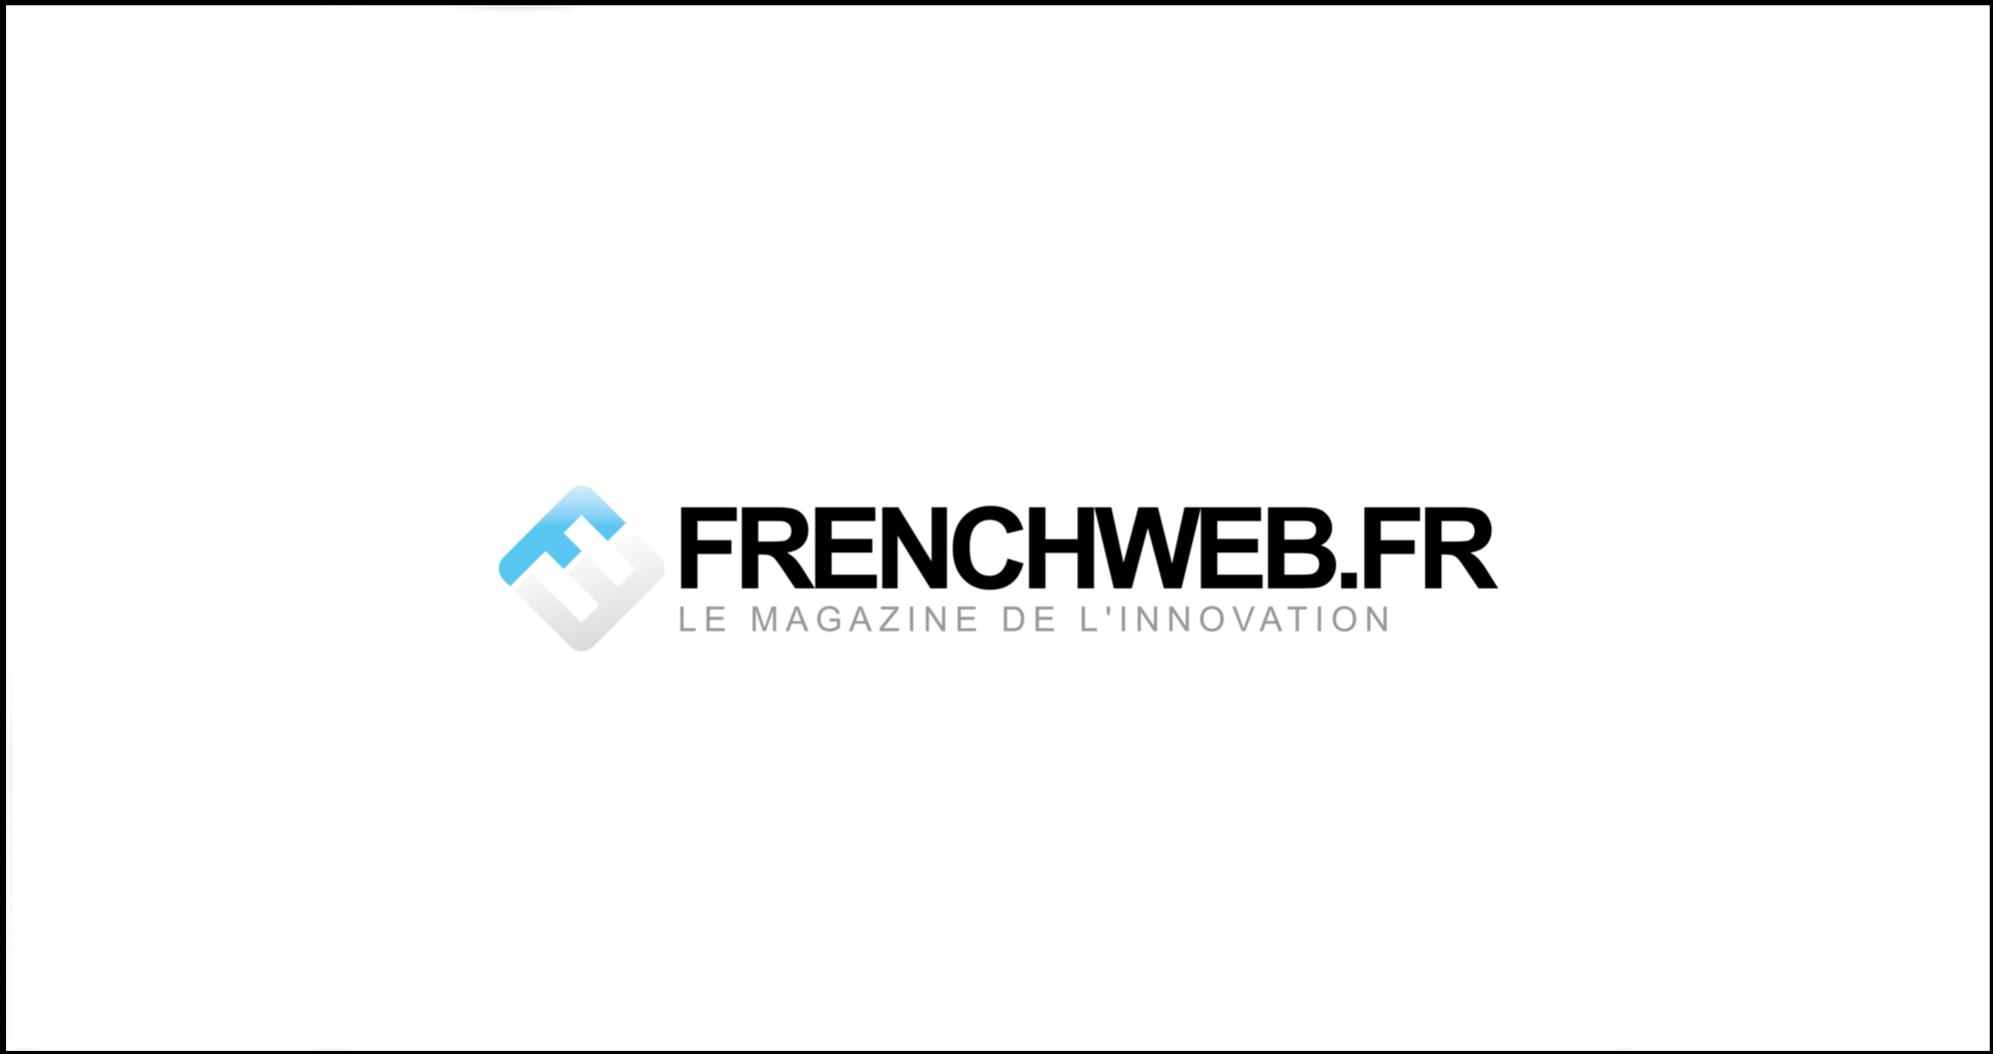 logo frenchwebfr